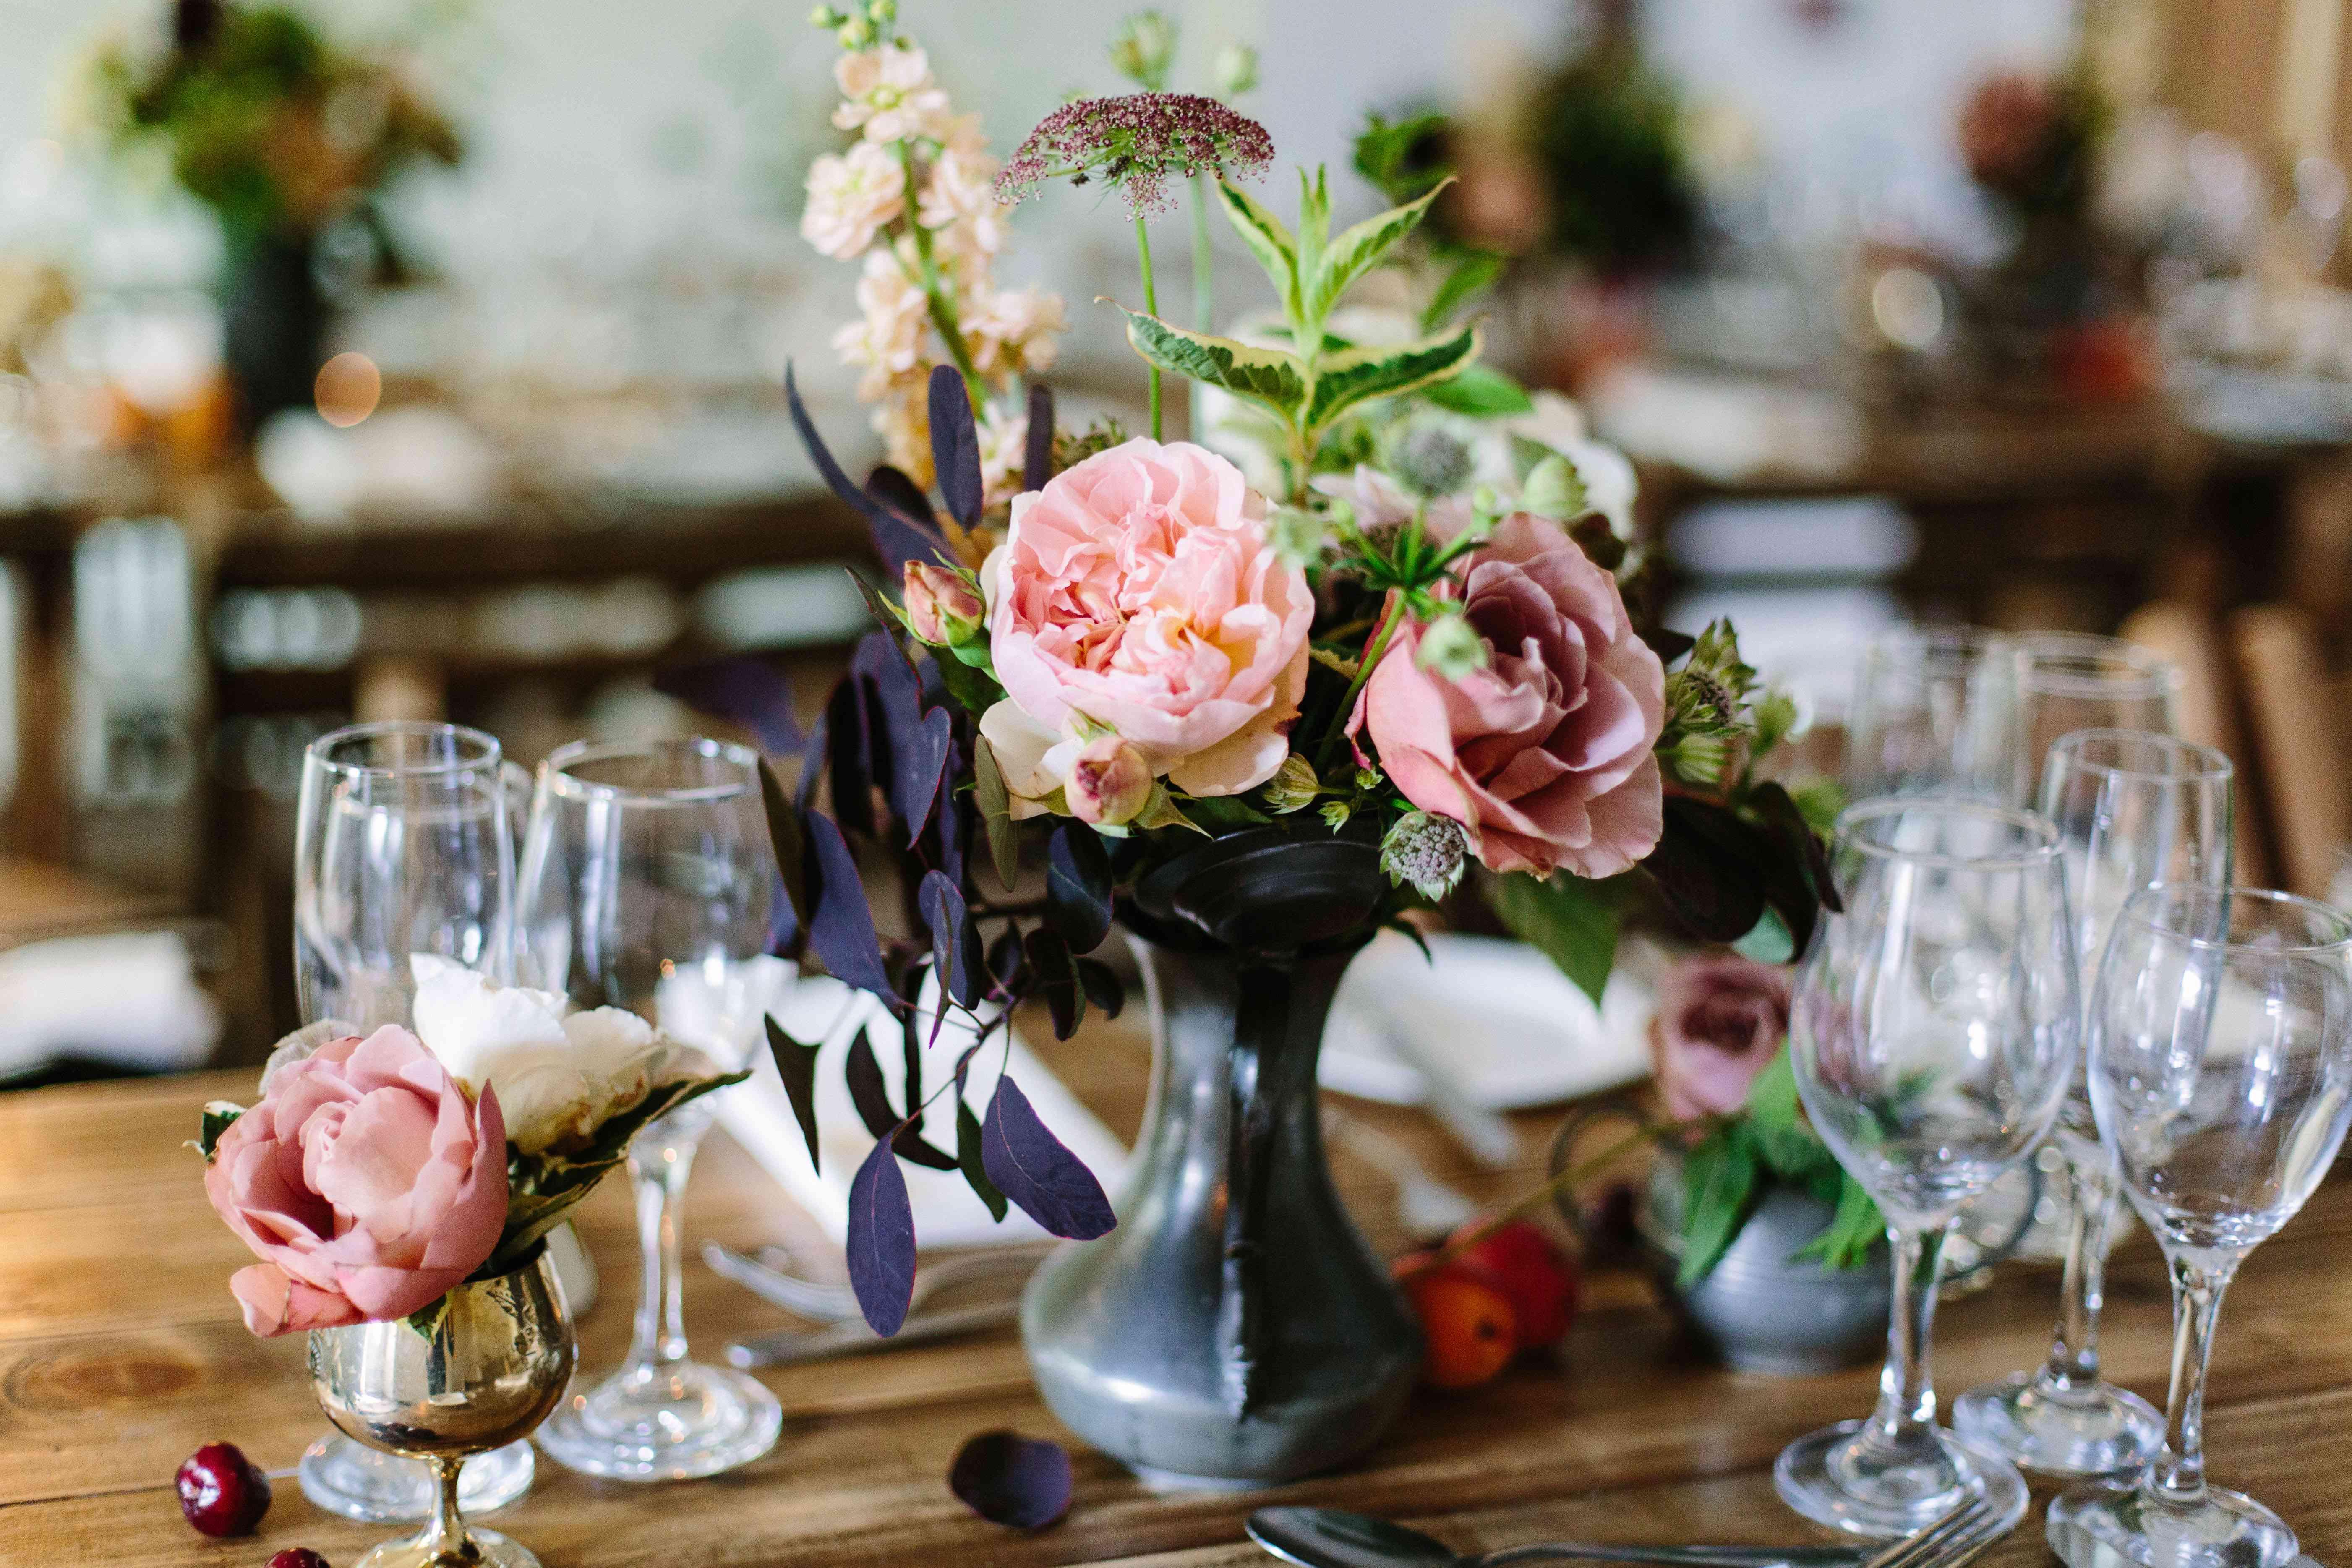 Flowers in Bud Vase